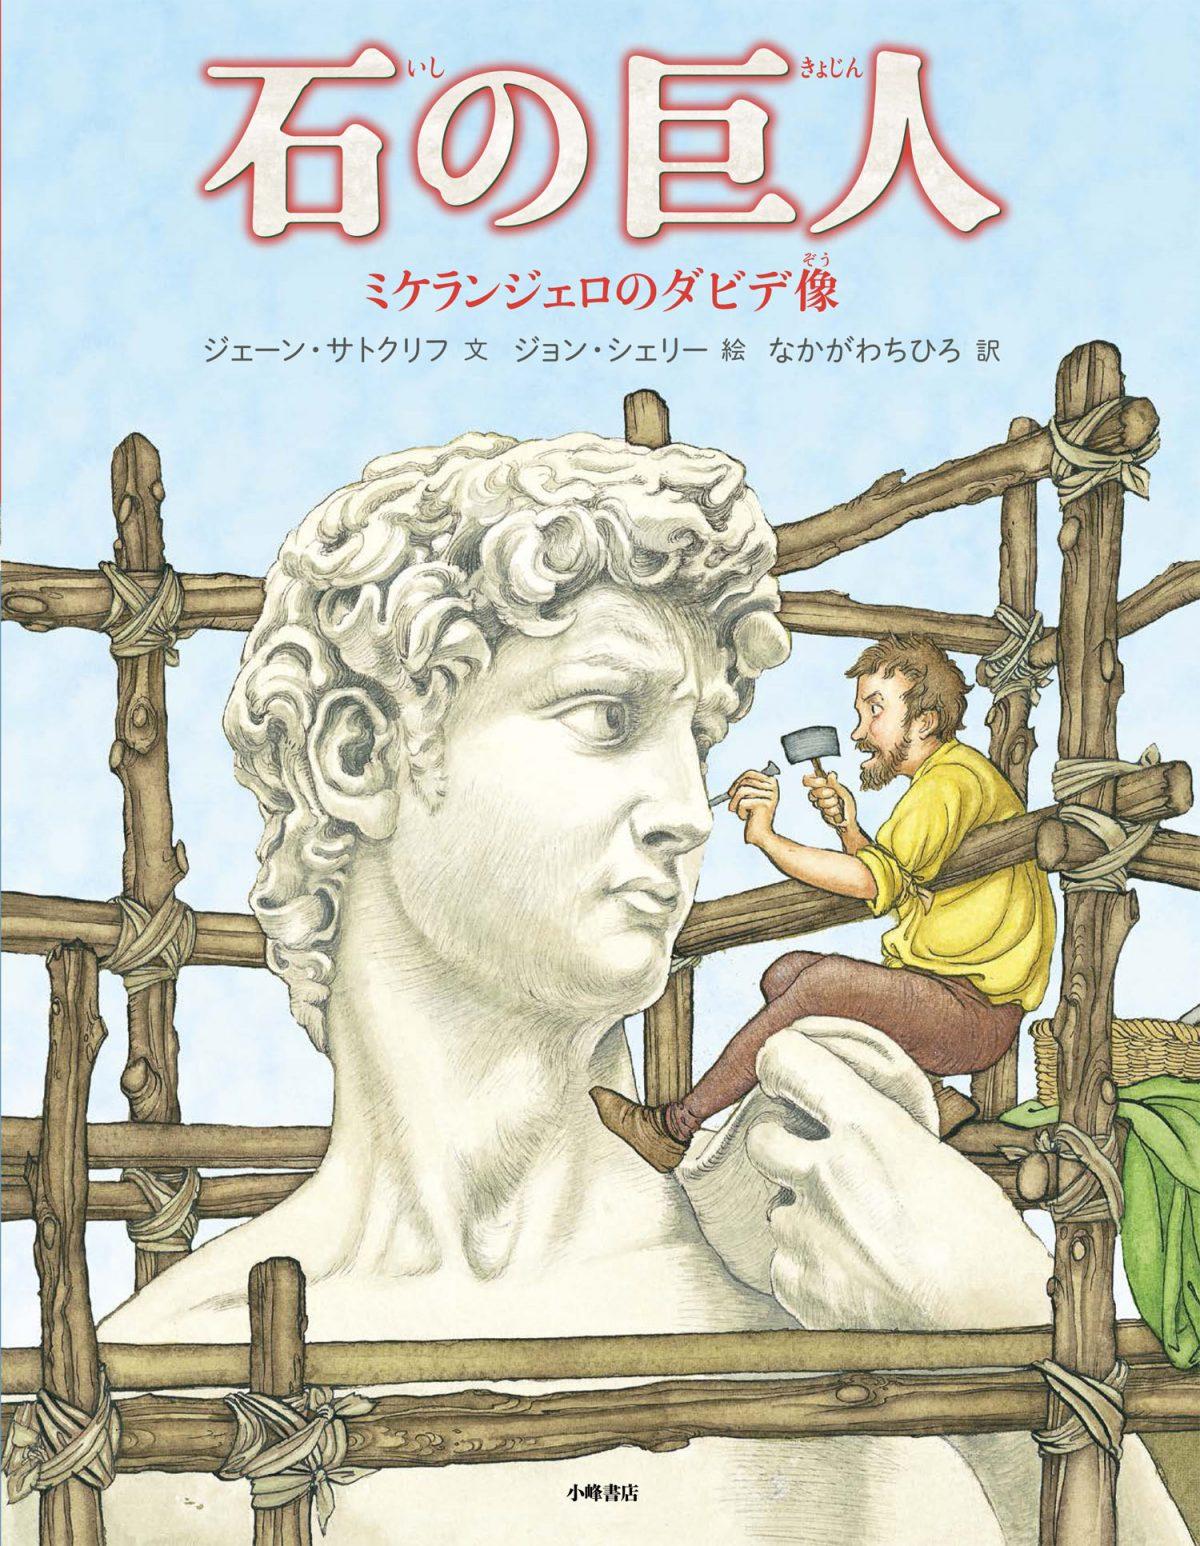 絵本「石の巨人 ミケランジェロのダビデ像」の表紙